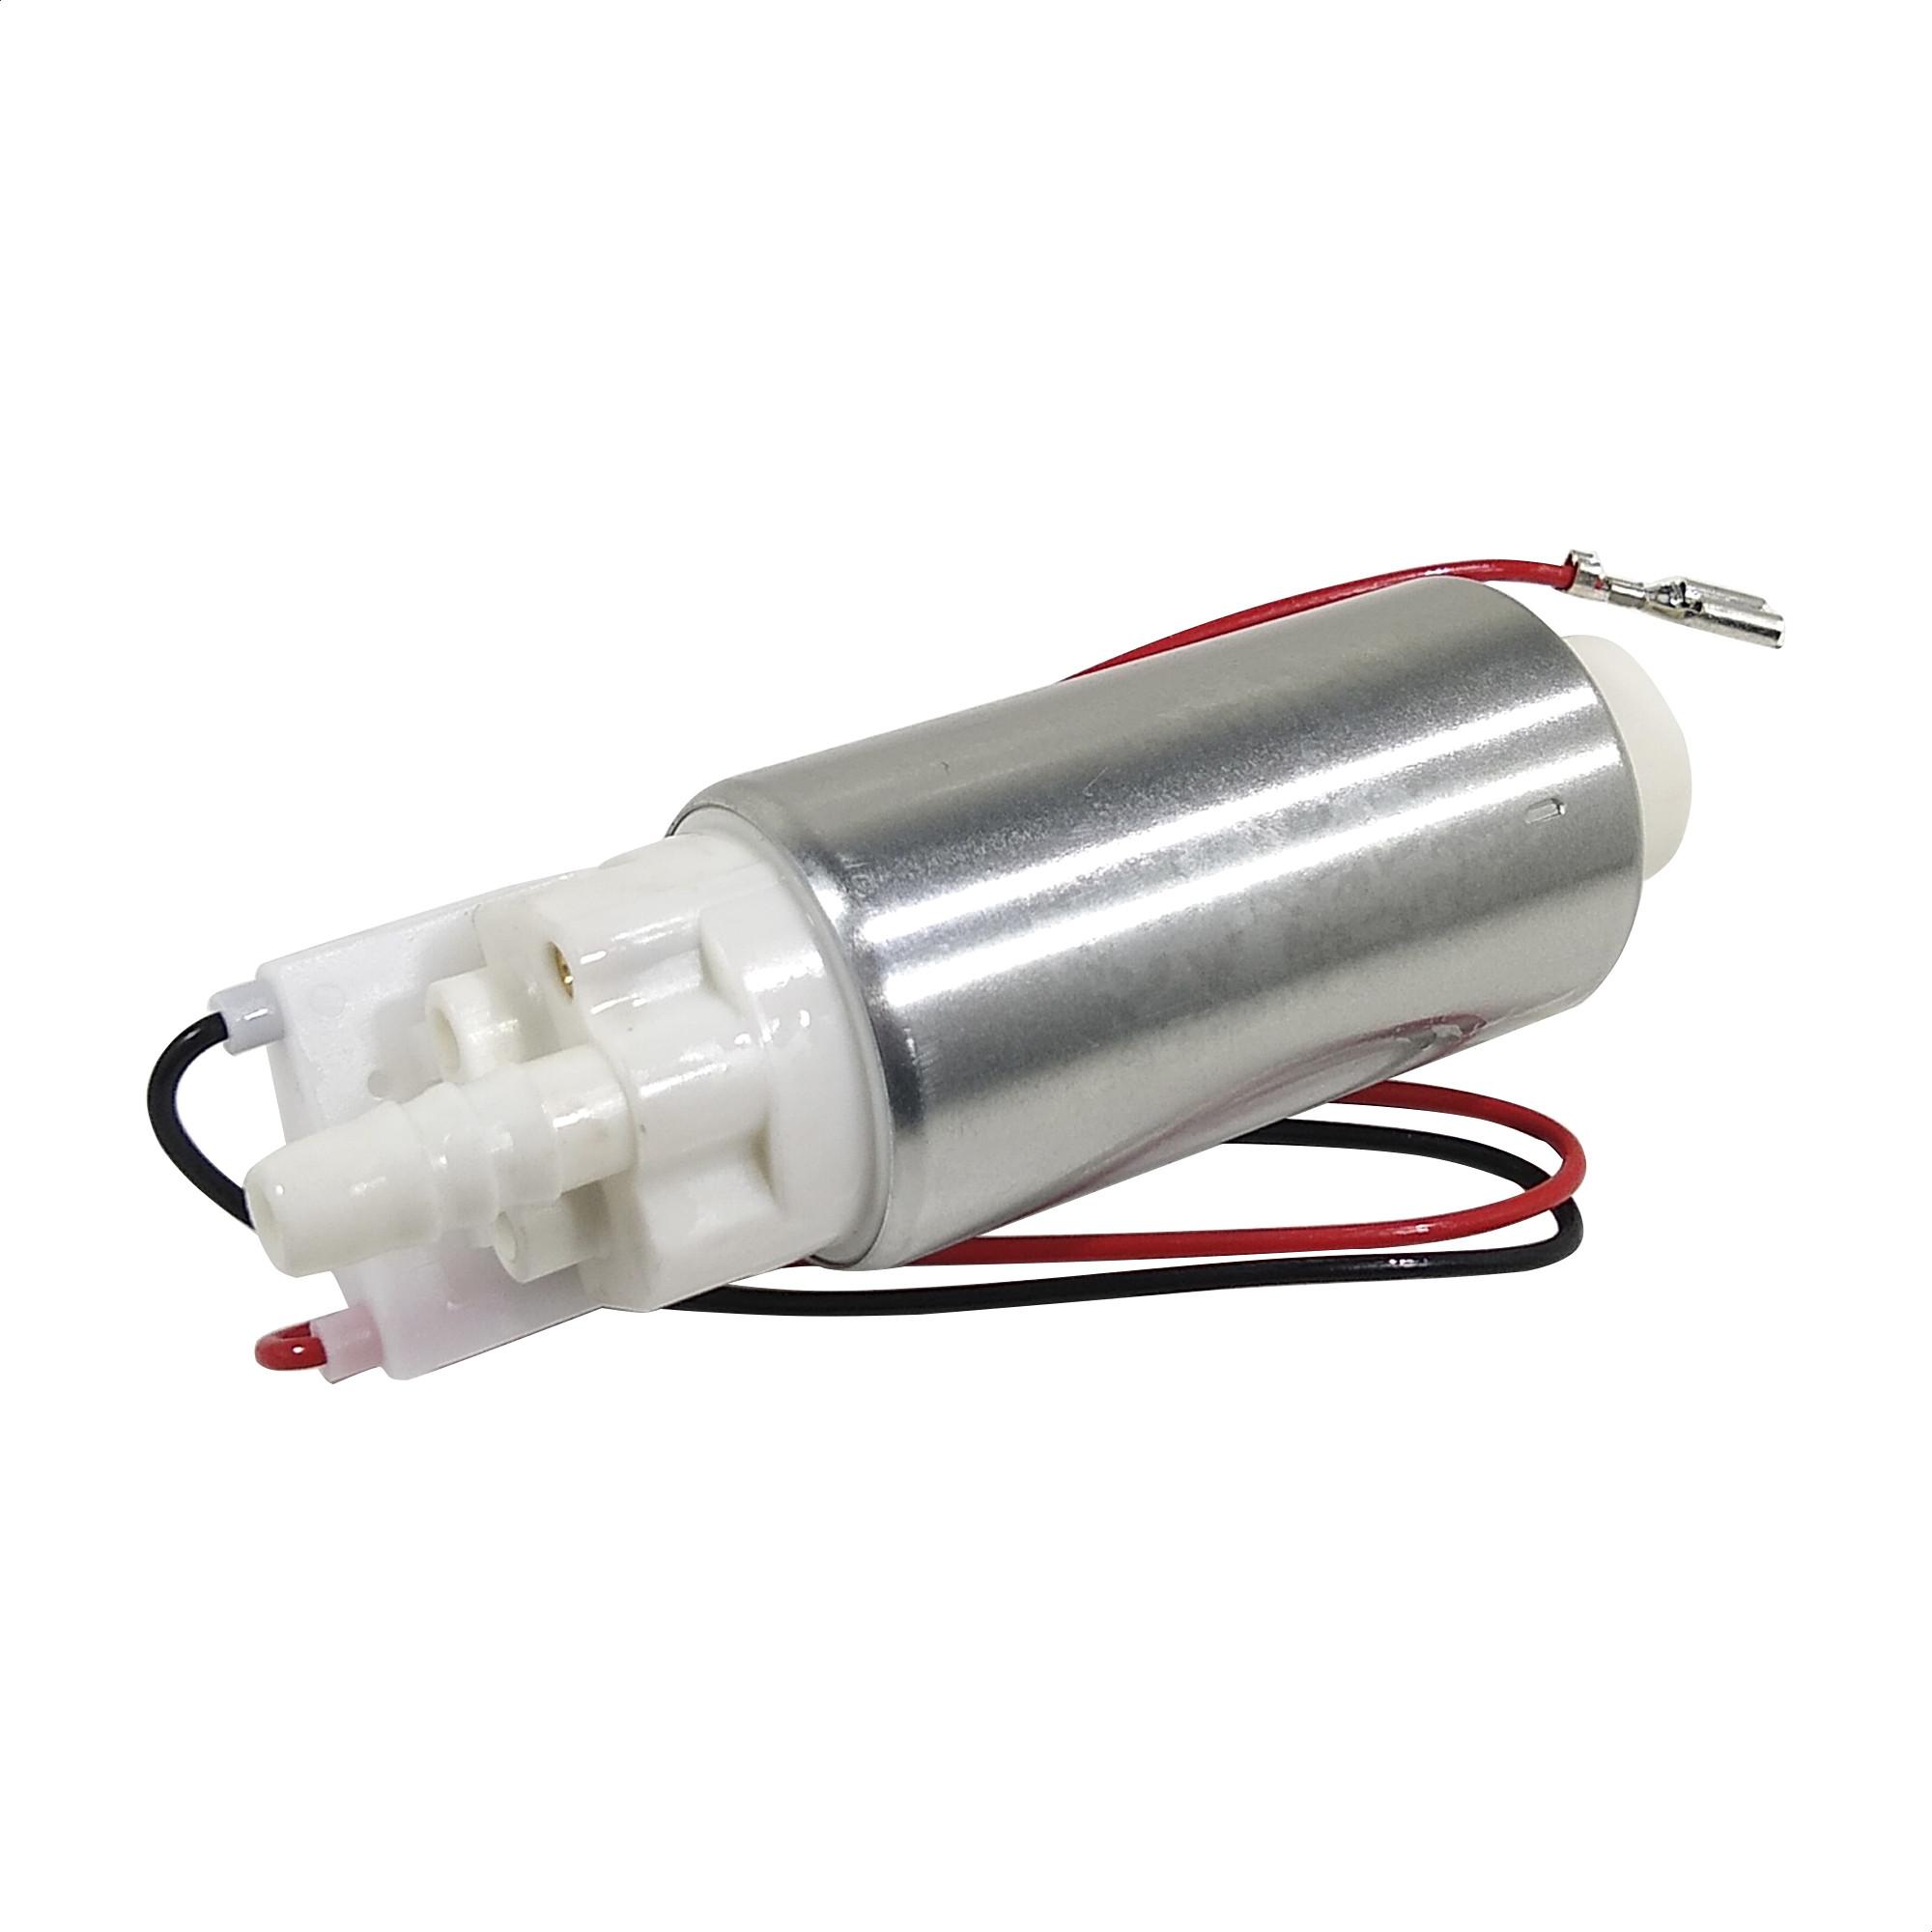 Bomba Electrica Fispa 64043 Citroen C4 X-sara Picasso